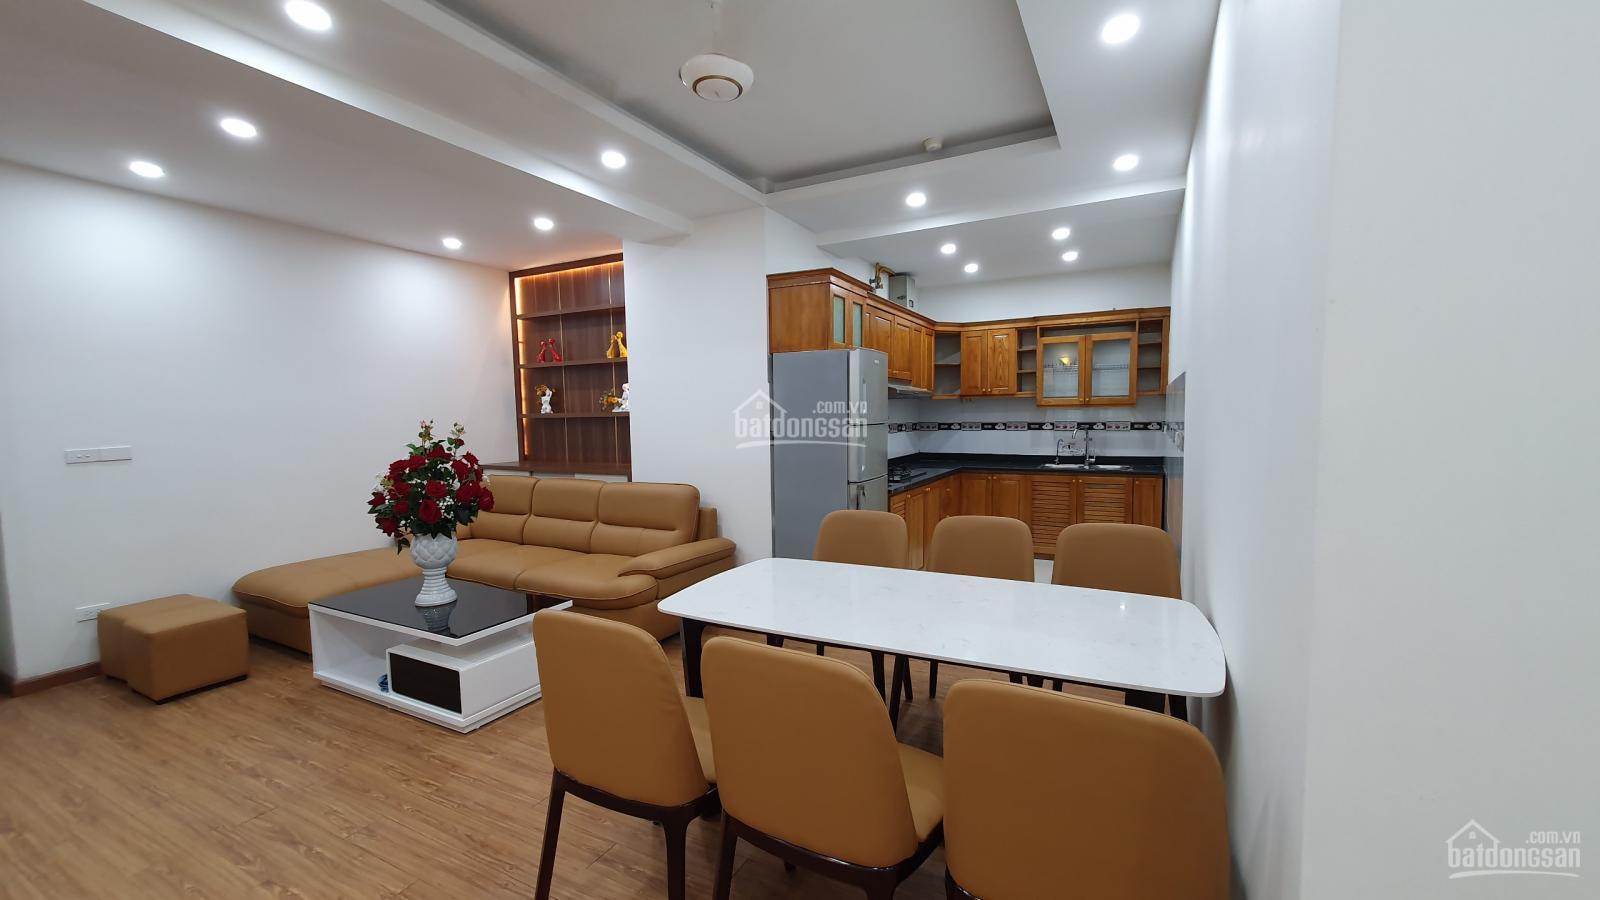 Bán căn hộ 3 ngủ, 87m2 tại CT3, khu đô thị Văn Quán